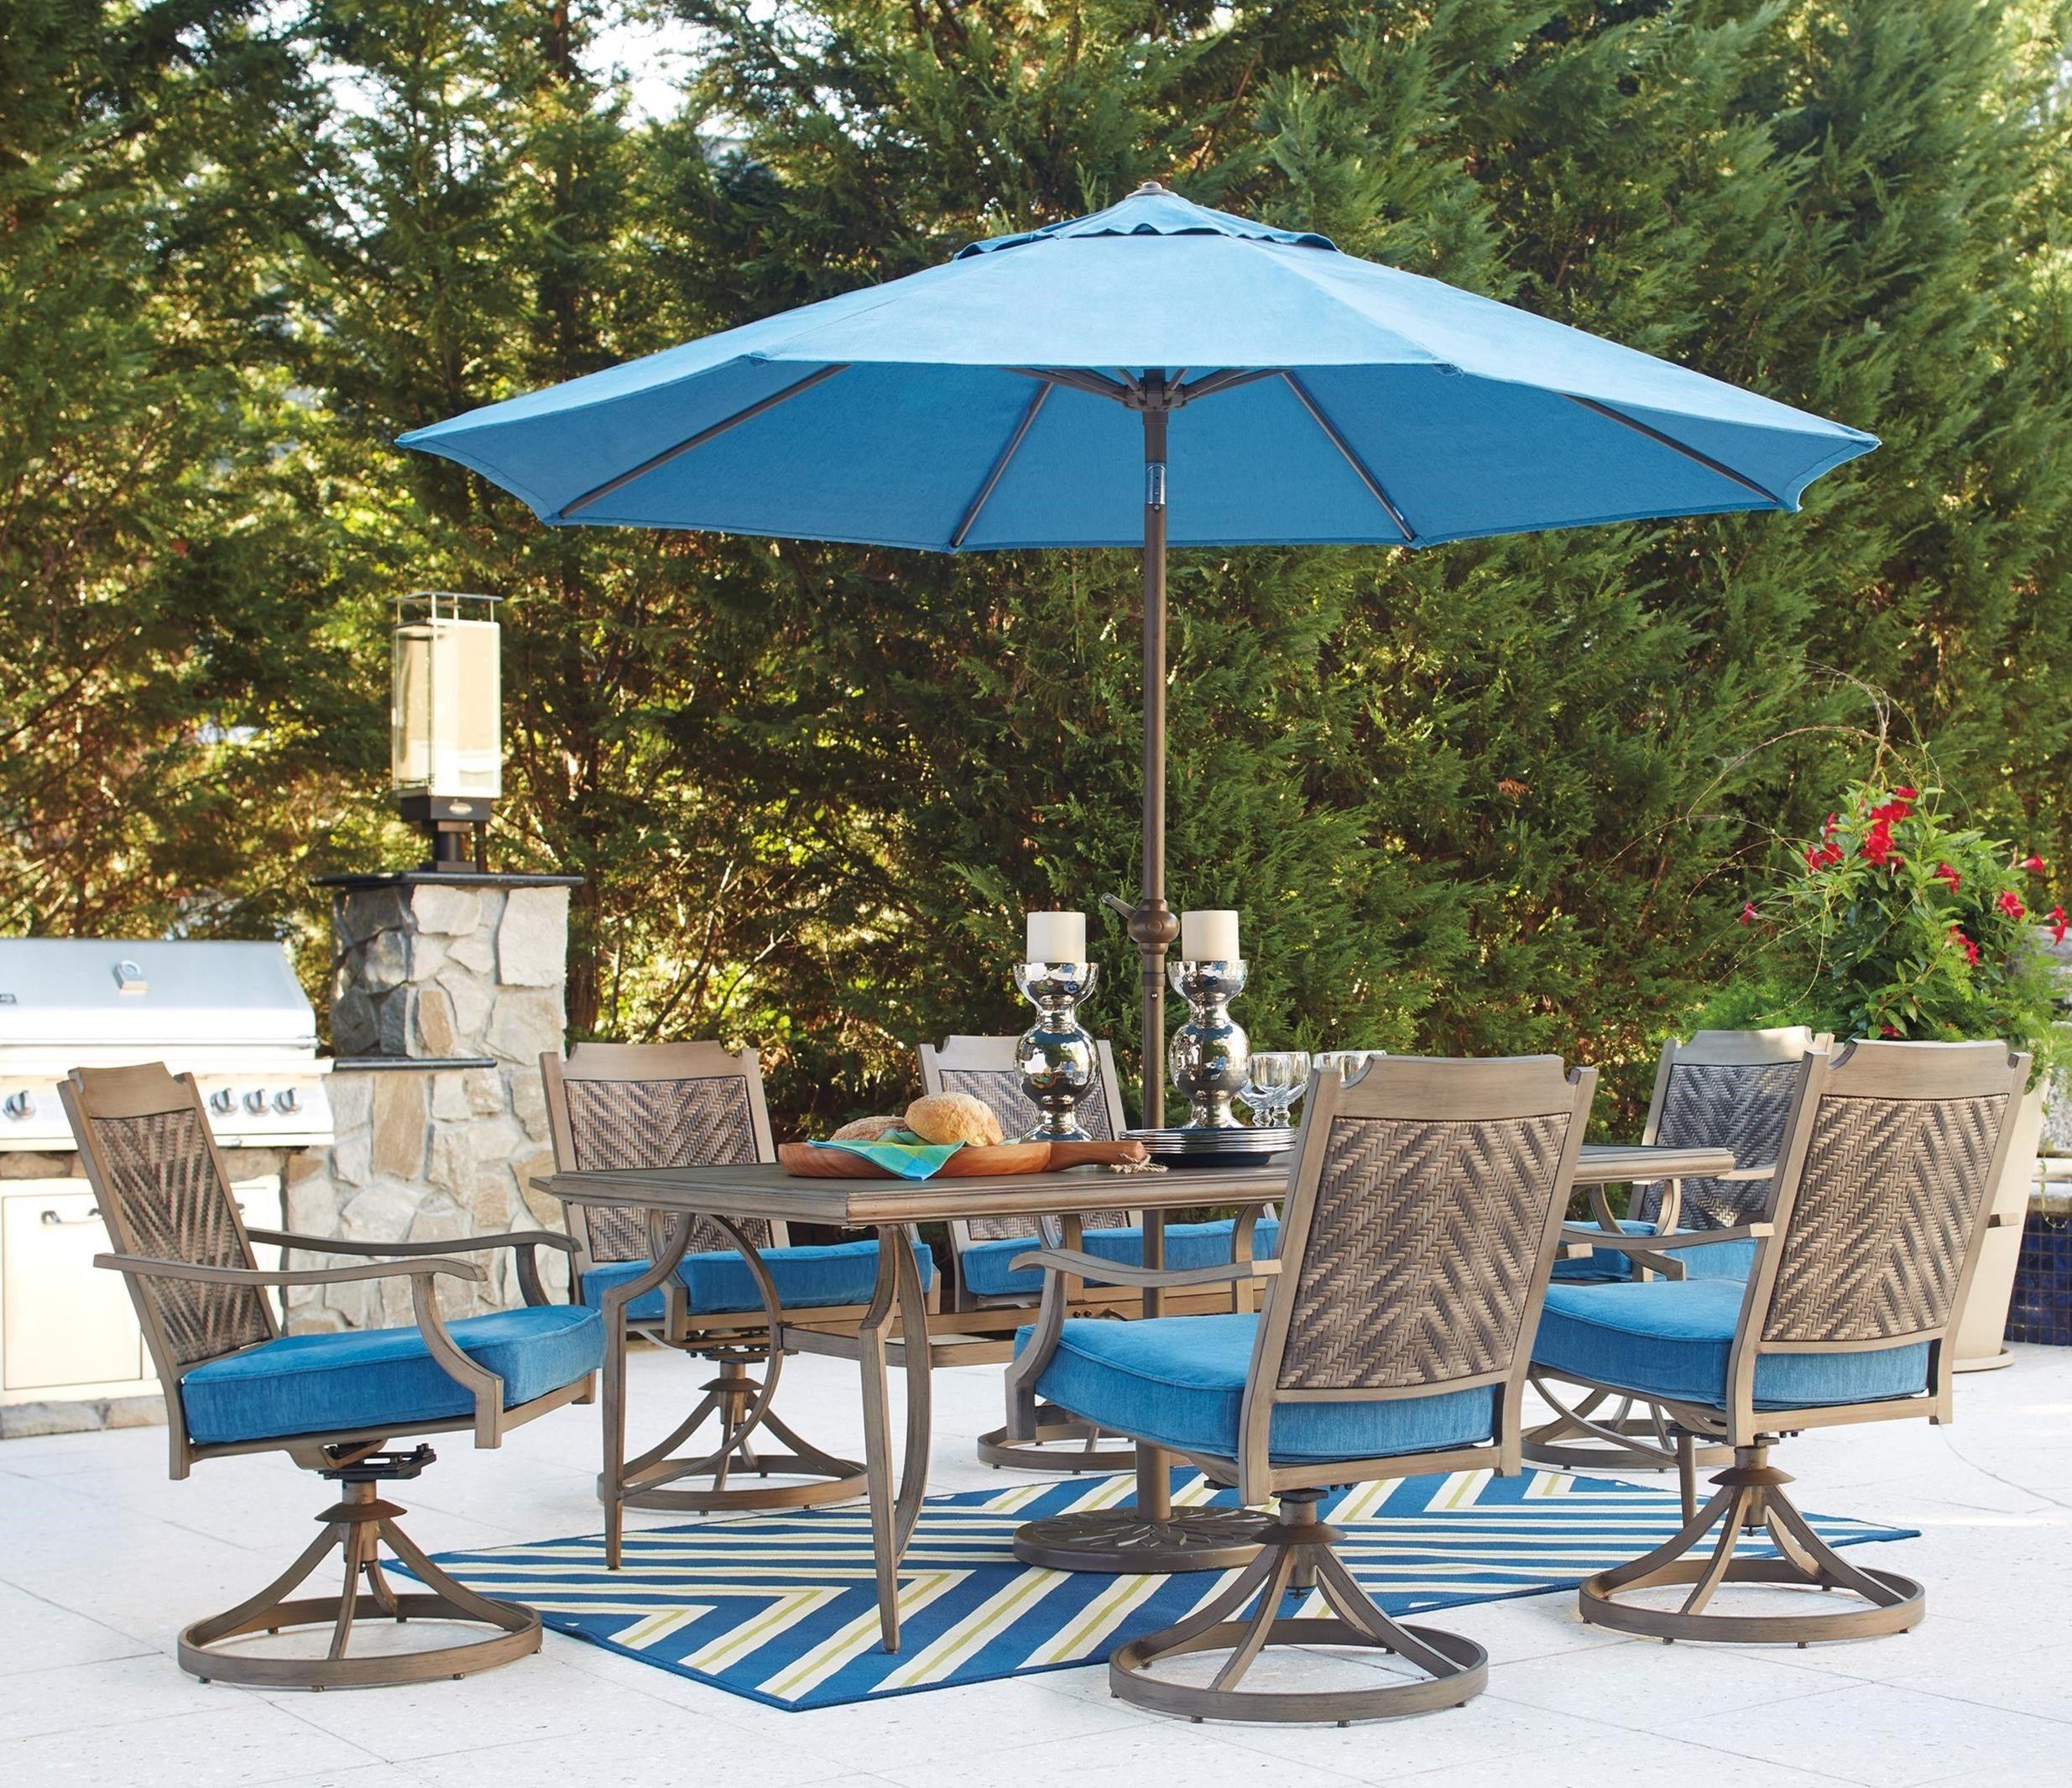 Outdoor Einstellung Teiliges Outdoor Speise Set Wo Kaufen Gartenmobel In Meiner Nahe Wicker Patio Dining Set Clear Terassenideen Essplatz Im Freien Gartendach